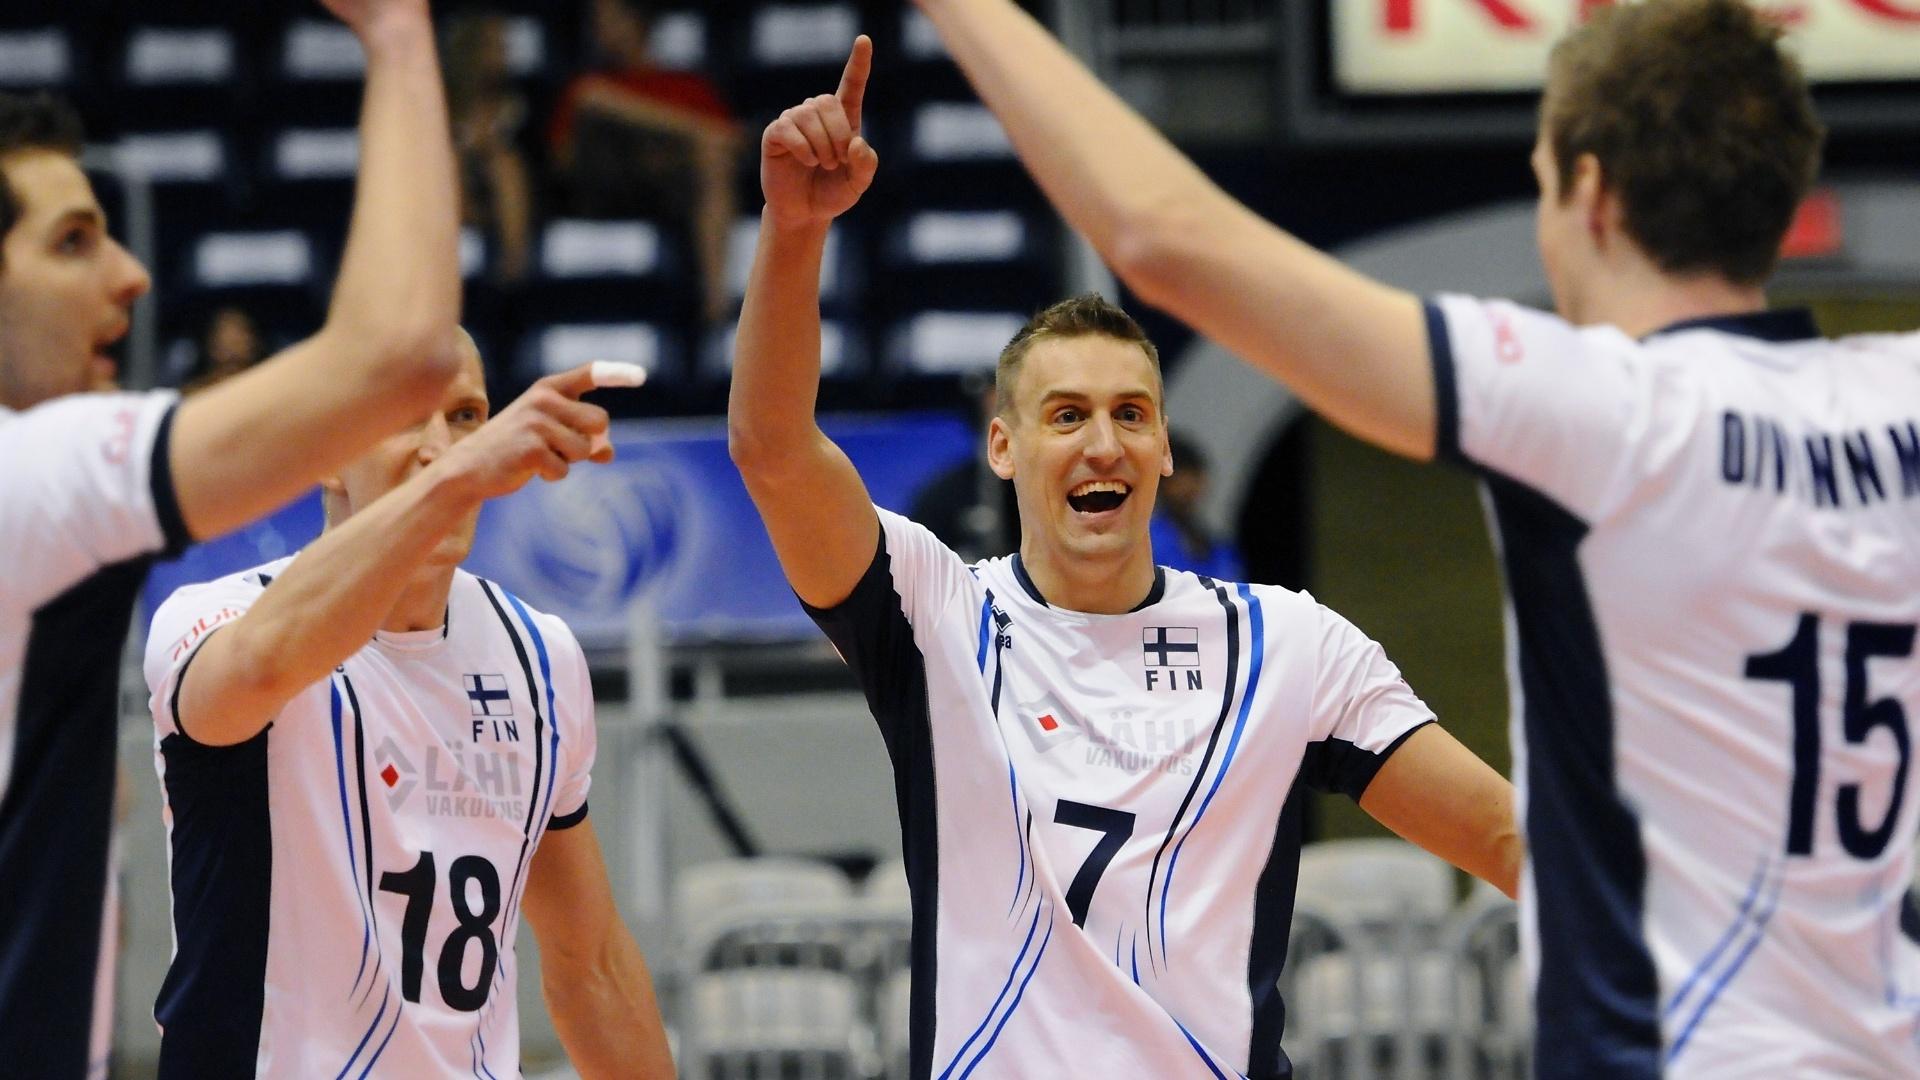 Jogadores da Finlândia comemoram ponto no primeiro set, que venceram o Brasil por 25 a 23